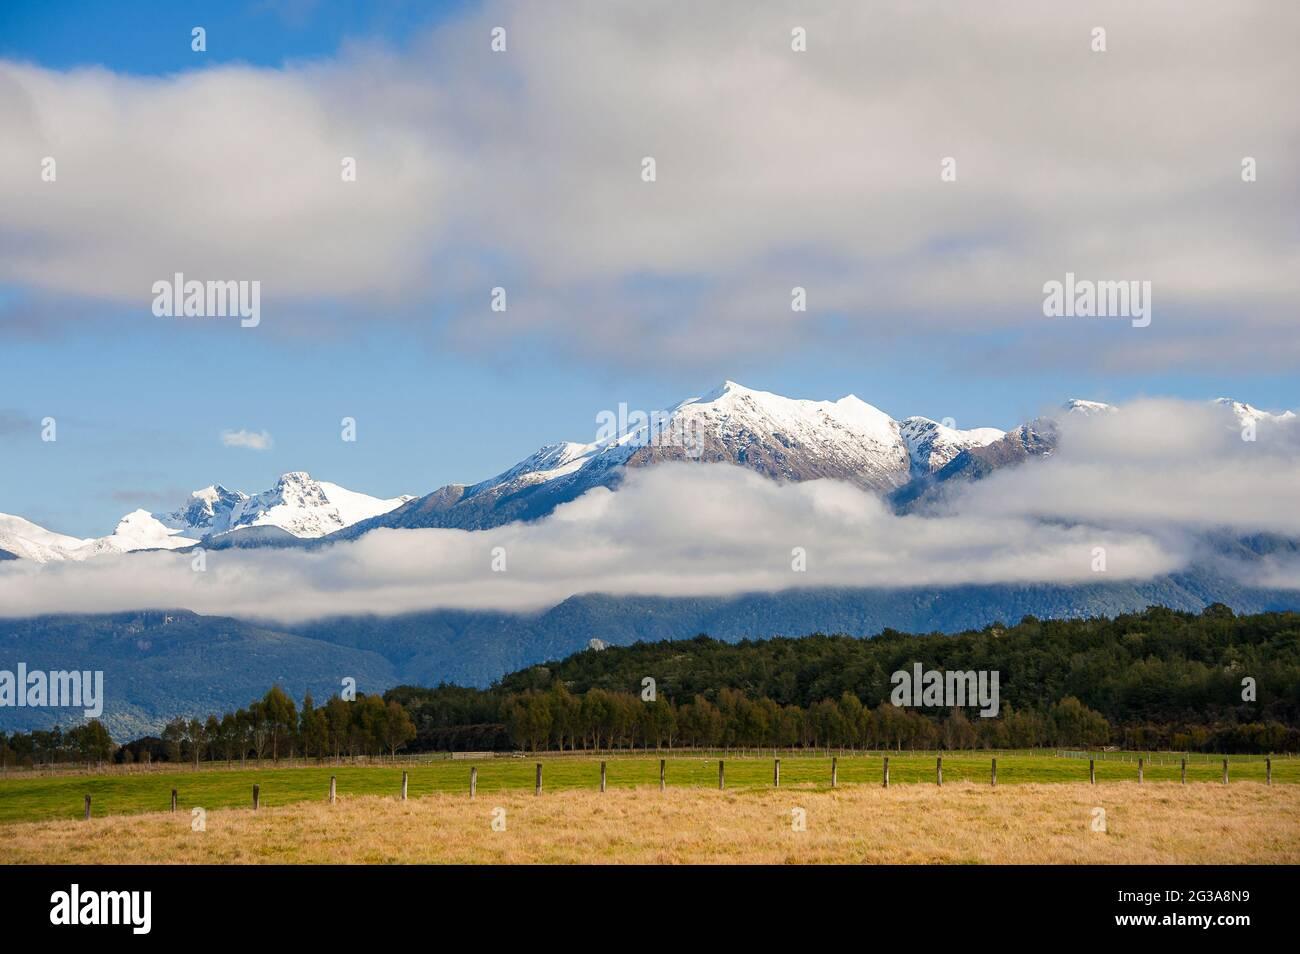 Paysage rural, te Anau, Île du Sud, Nouvelle-Zélande. Vue panoramique, chaîne de montagnes enneigée avec nuages bas et terres agricoles Banque D'Images